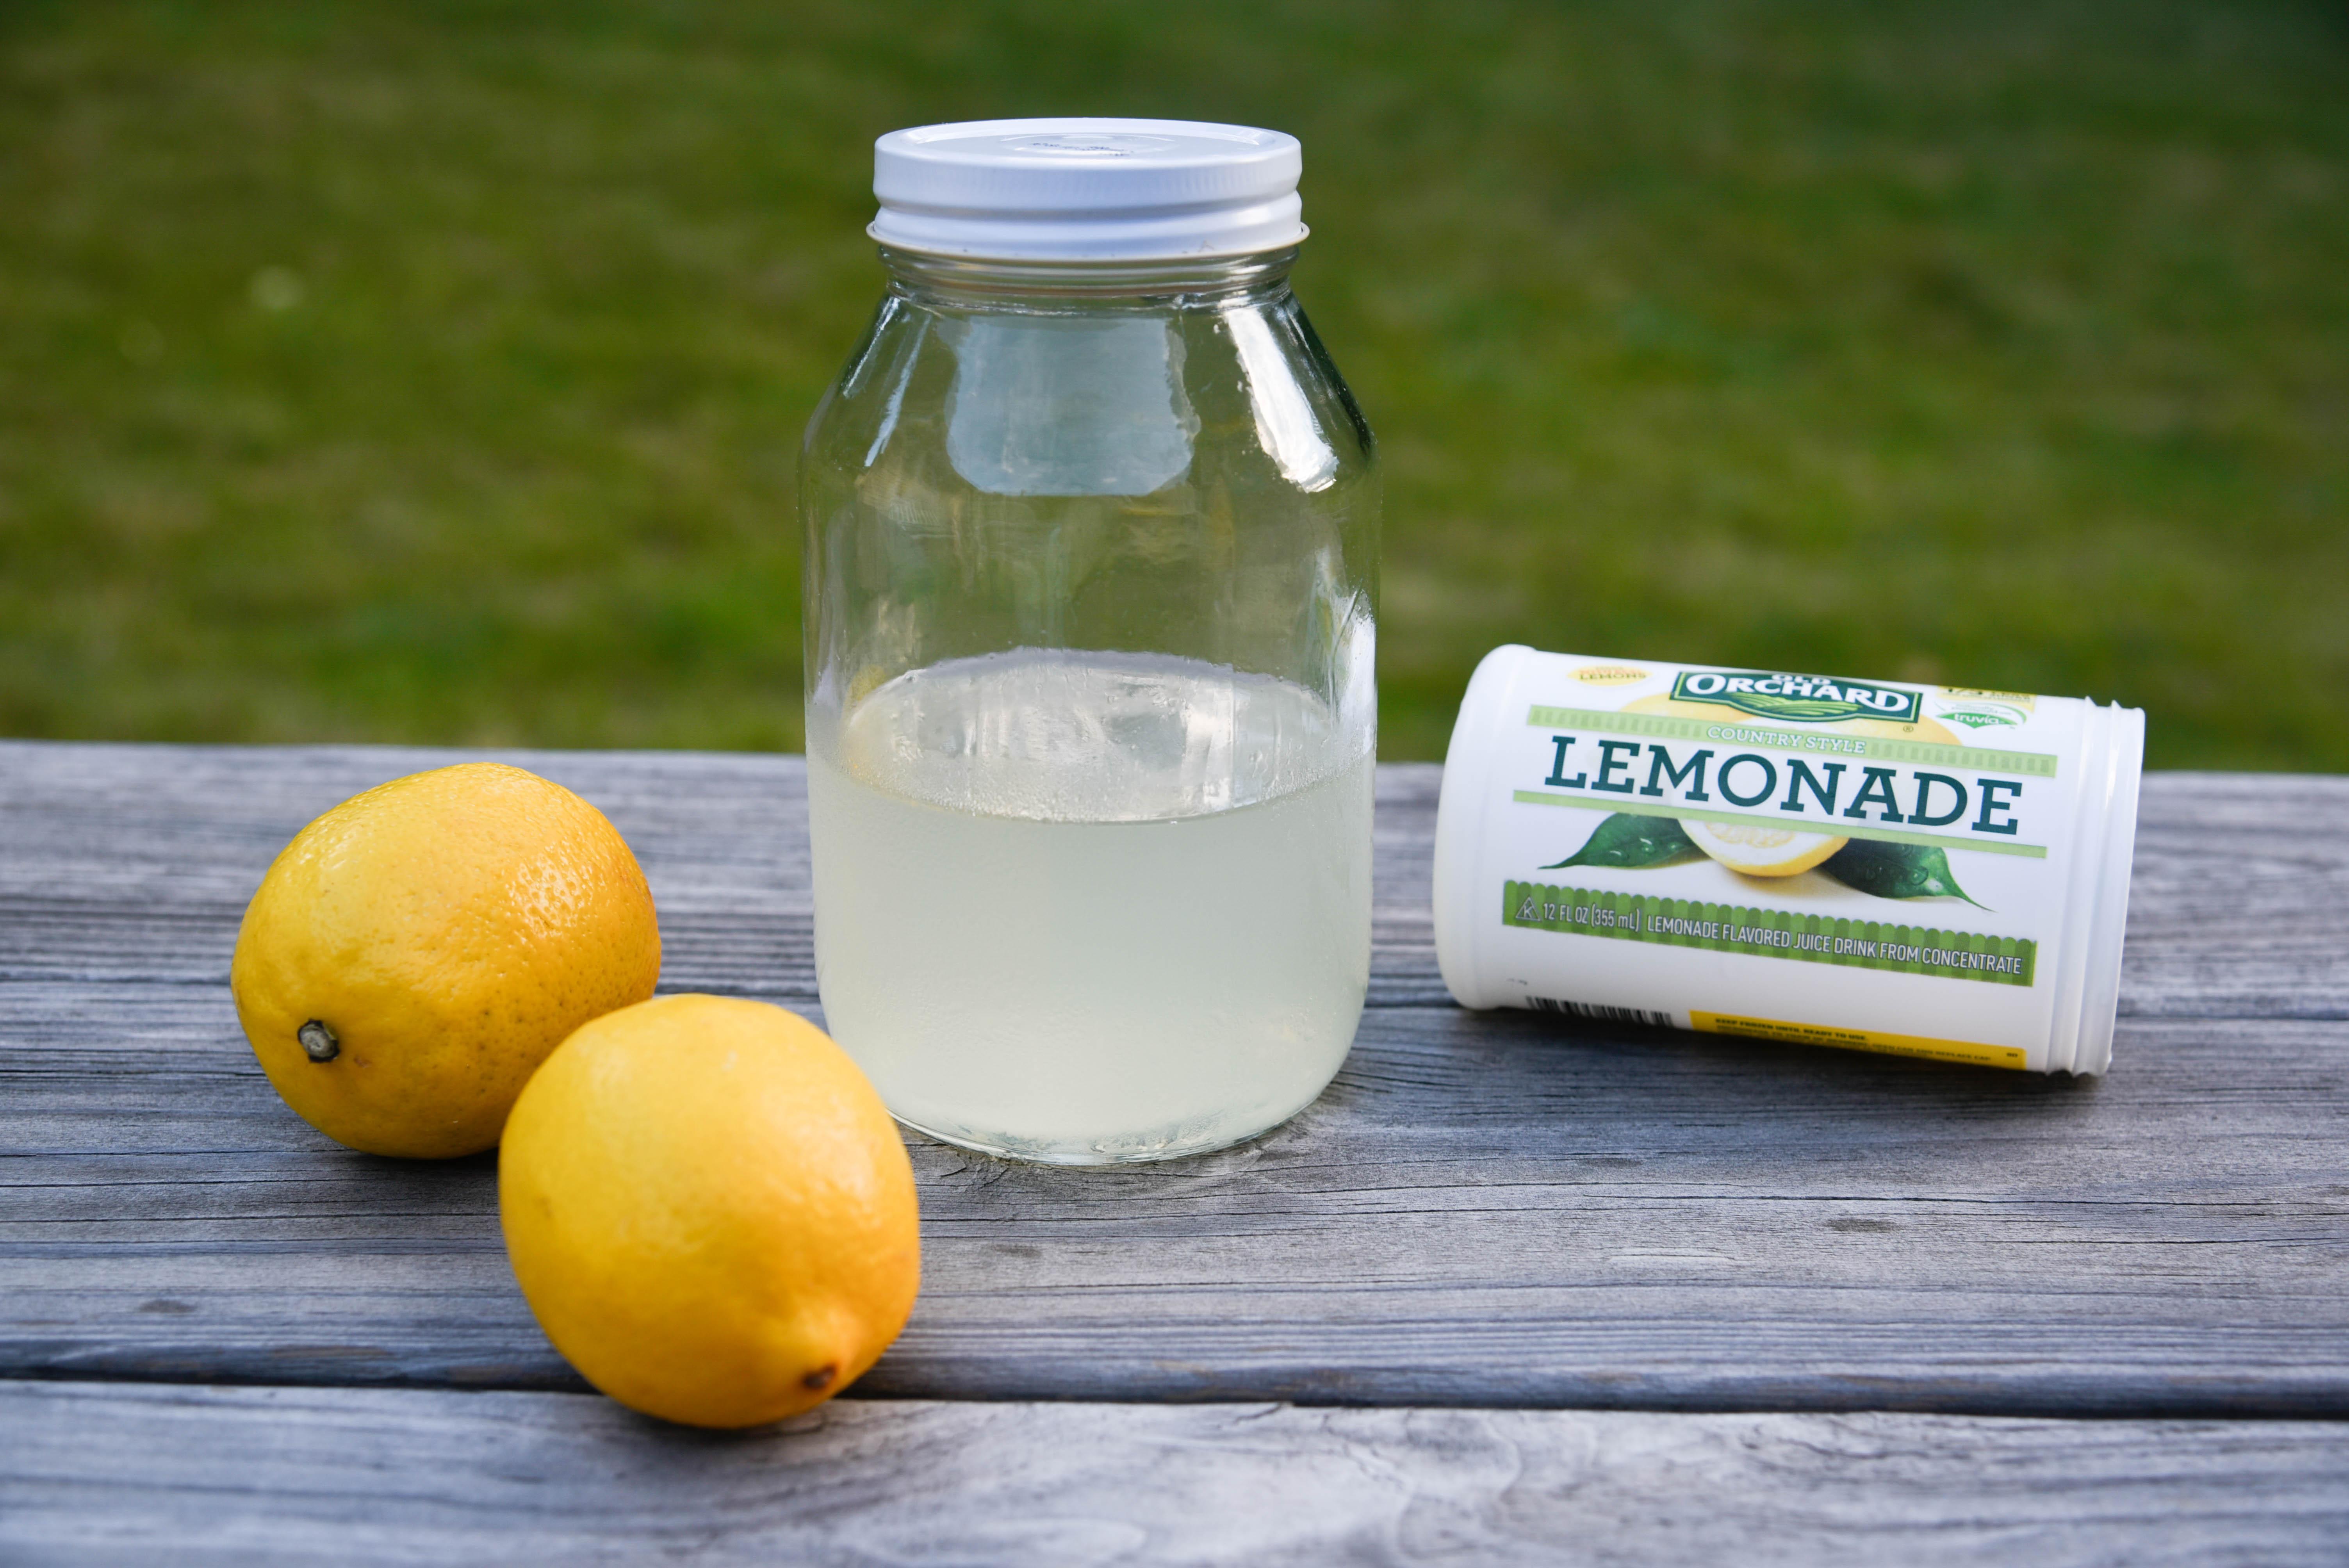 Lemons, jar and lemonade concentrate.